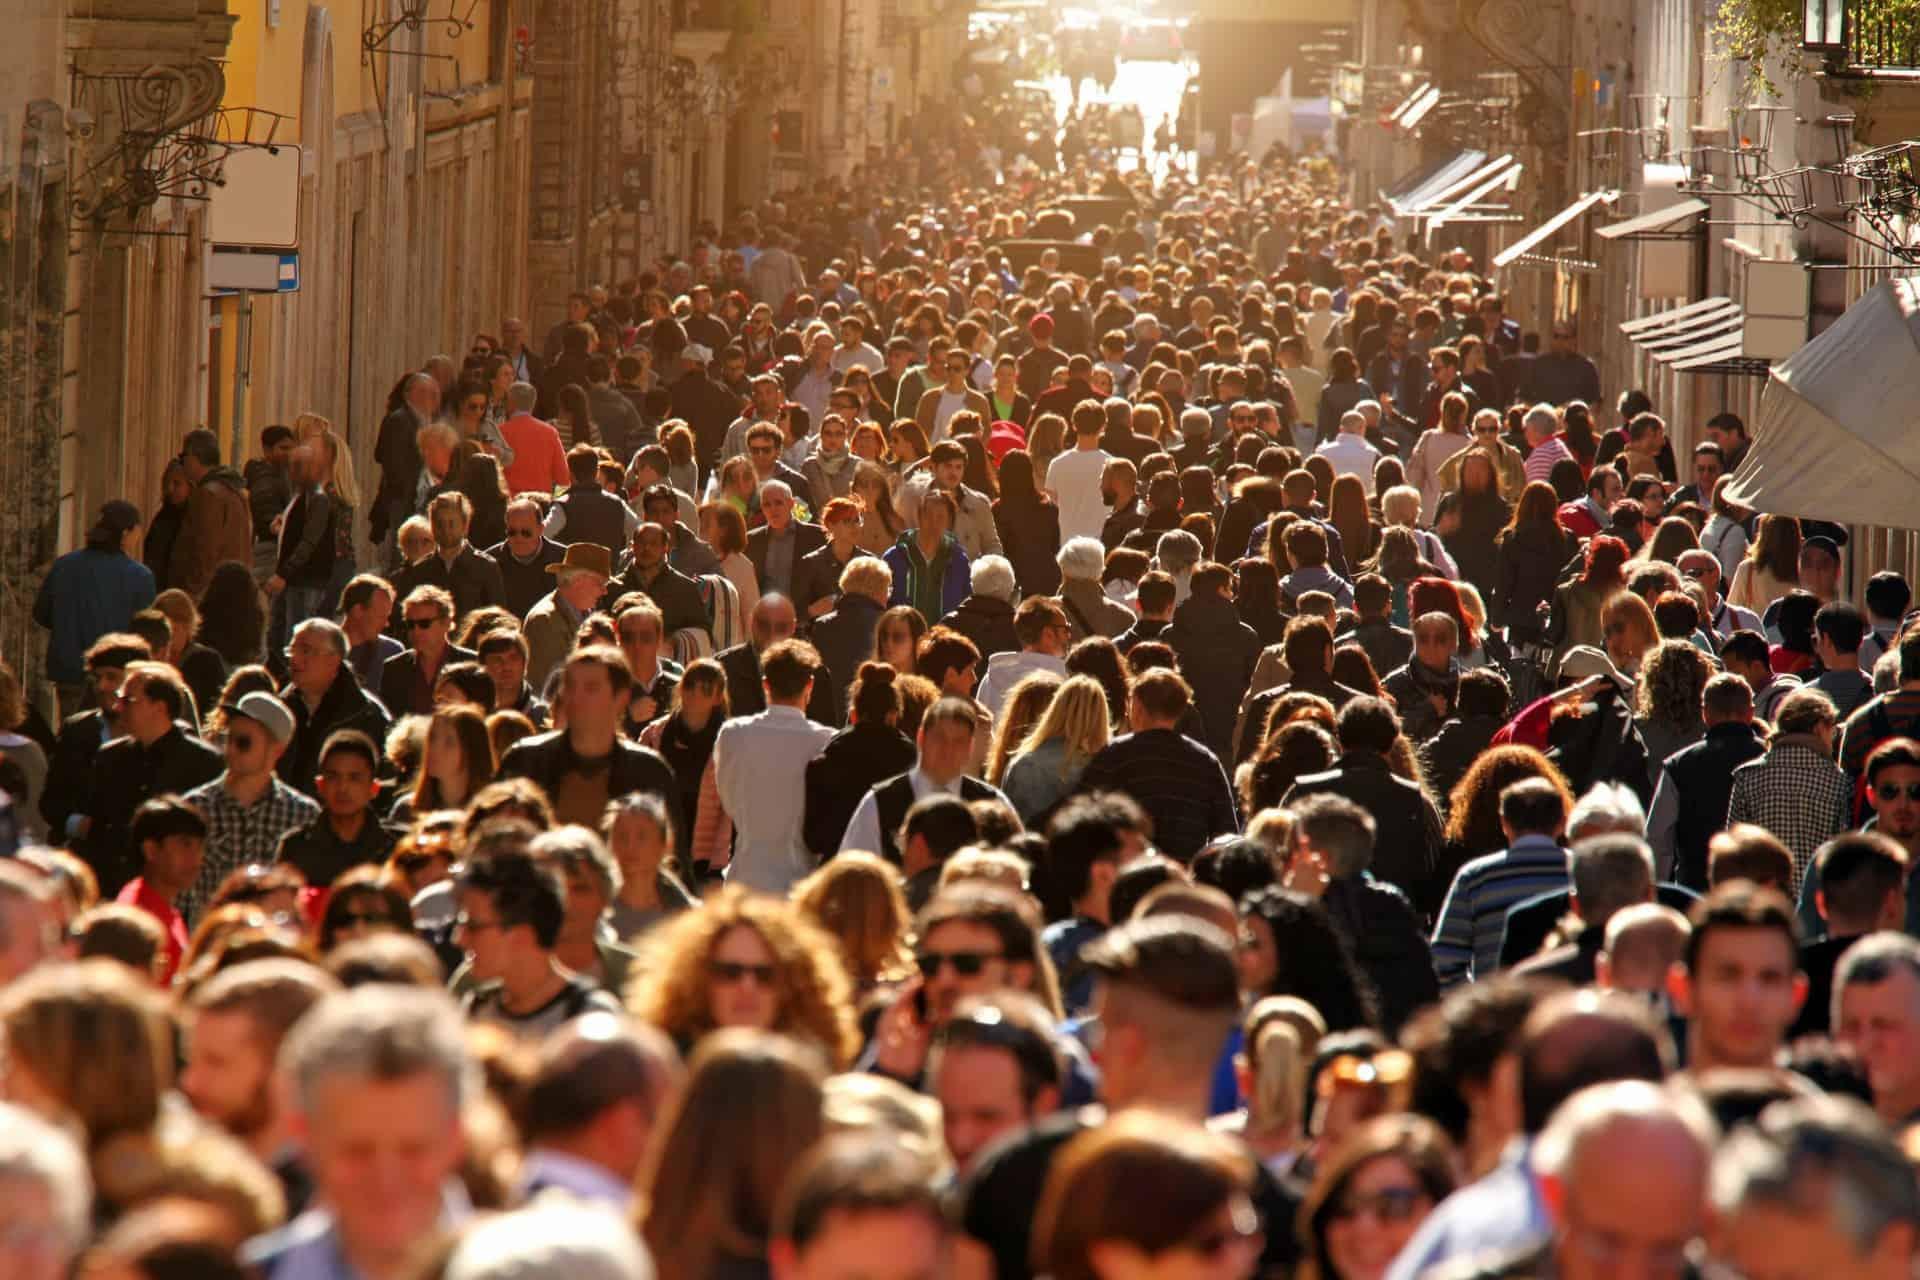 Overcrowding tourism